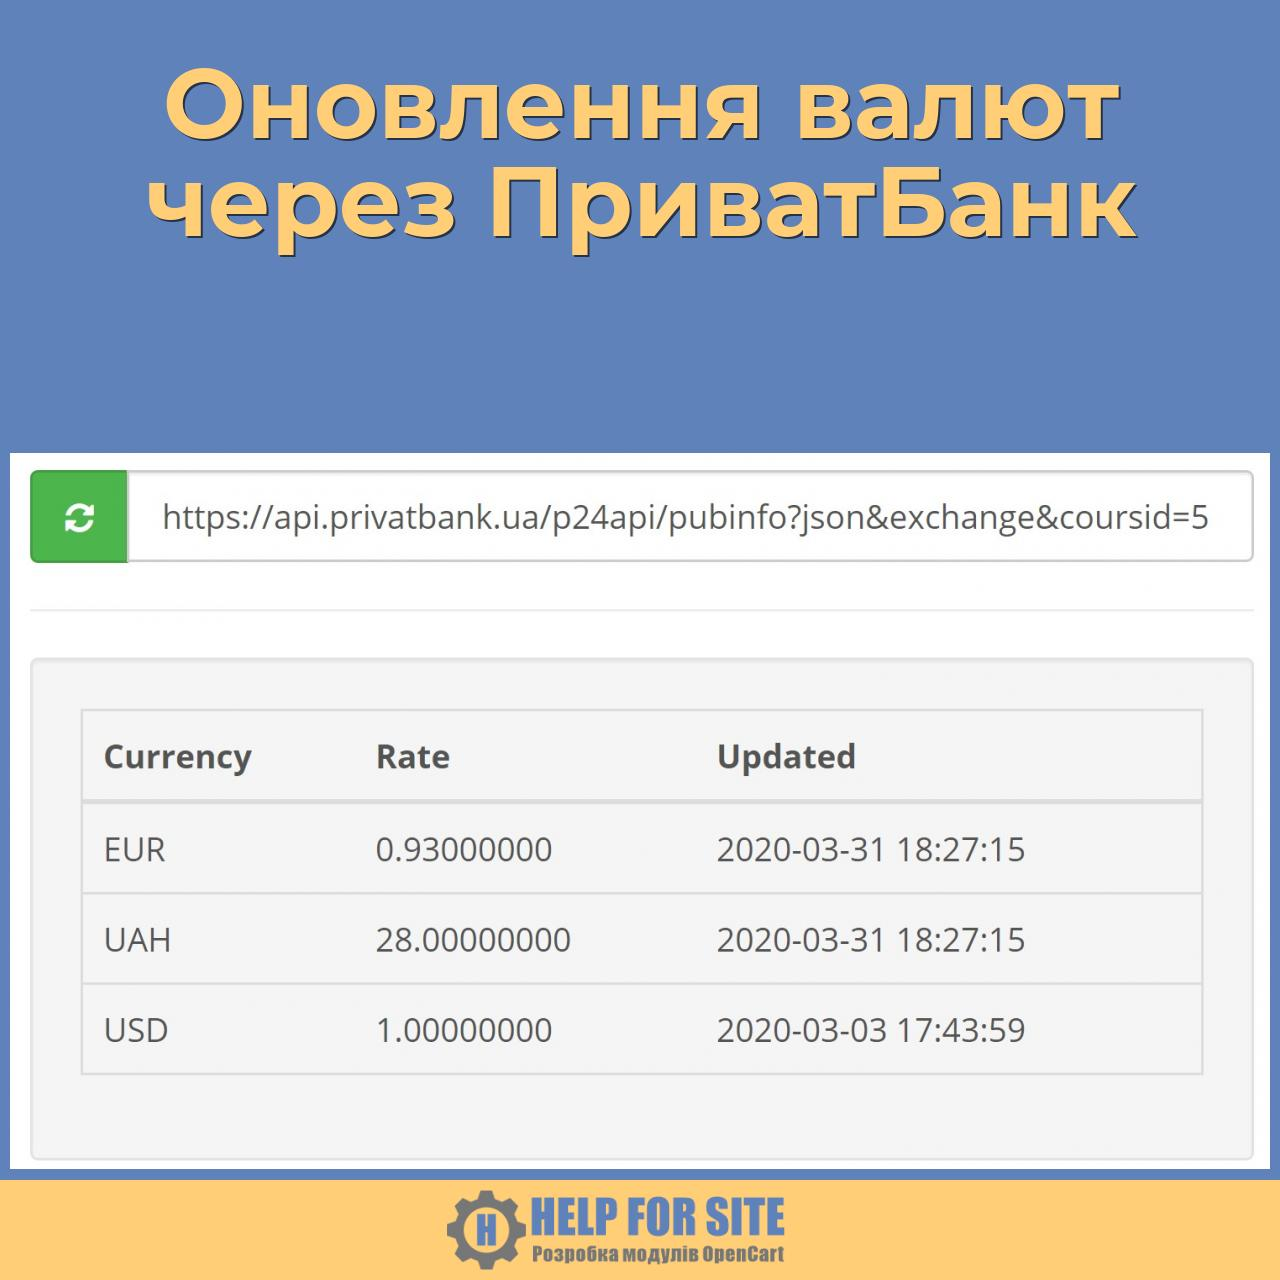 Оновлення валют через ПриватБанк